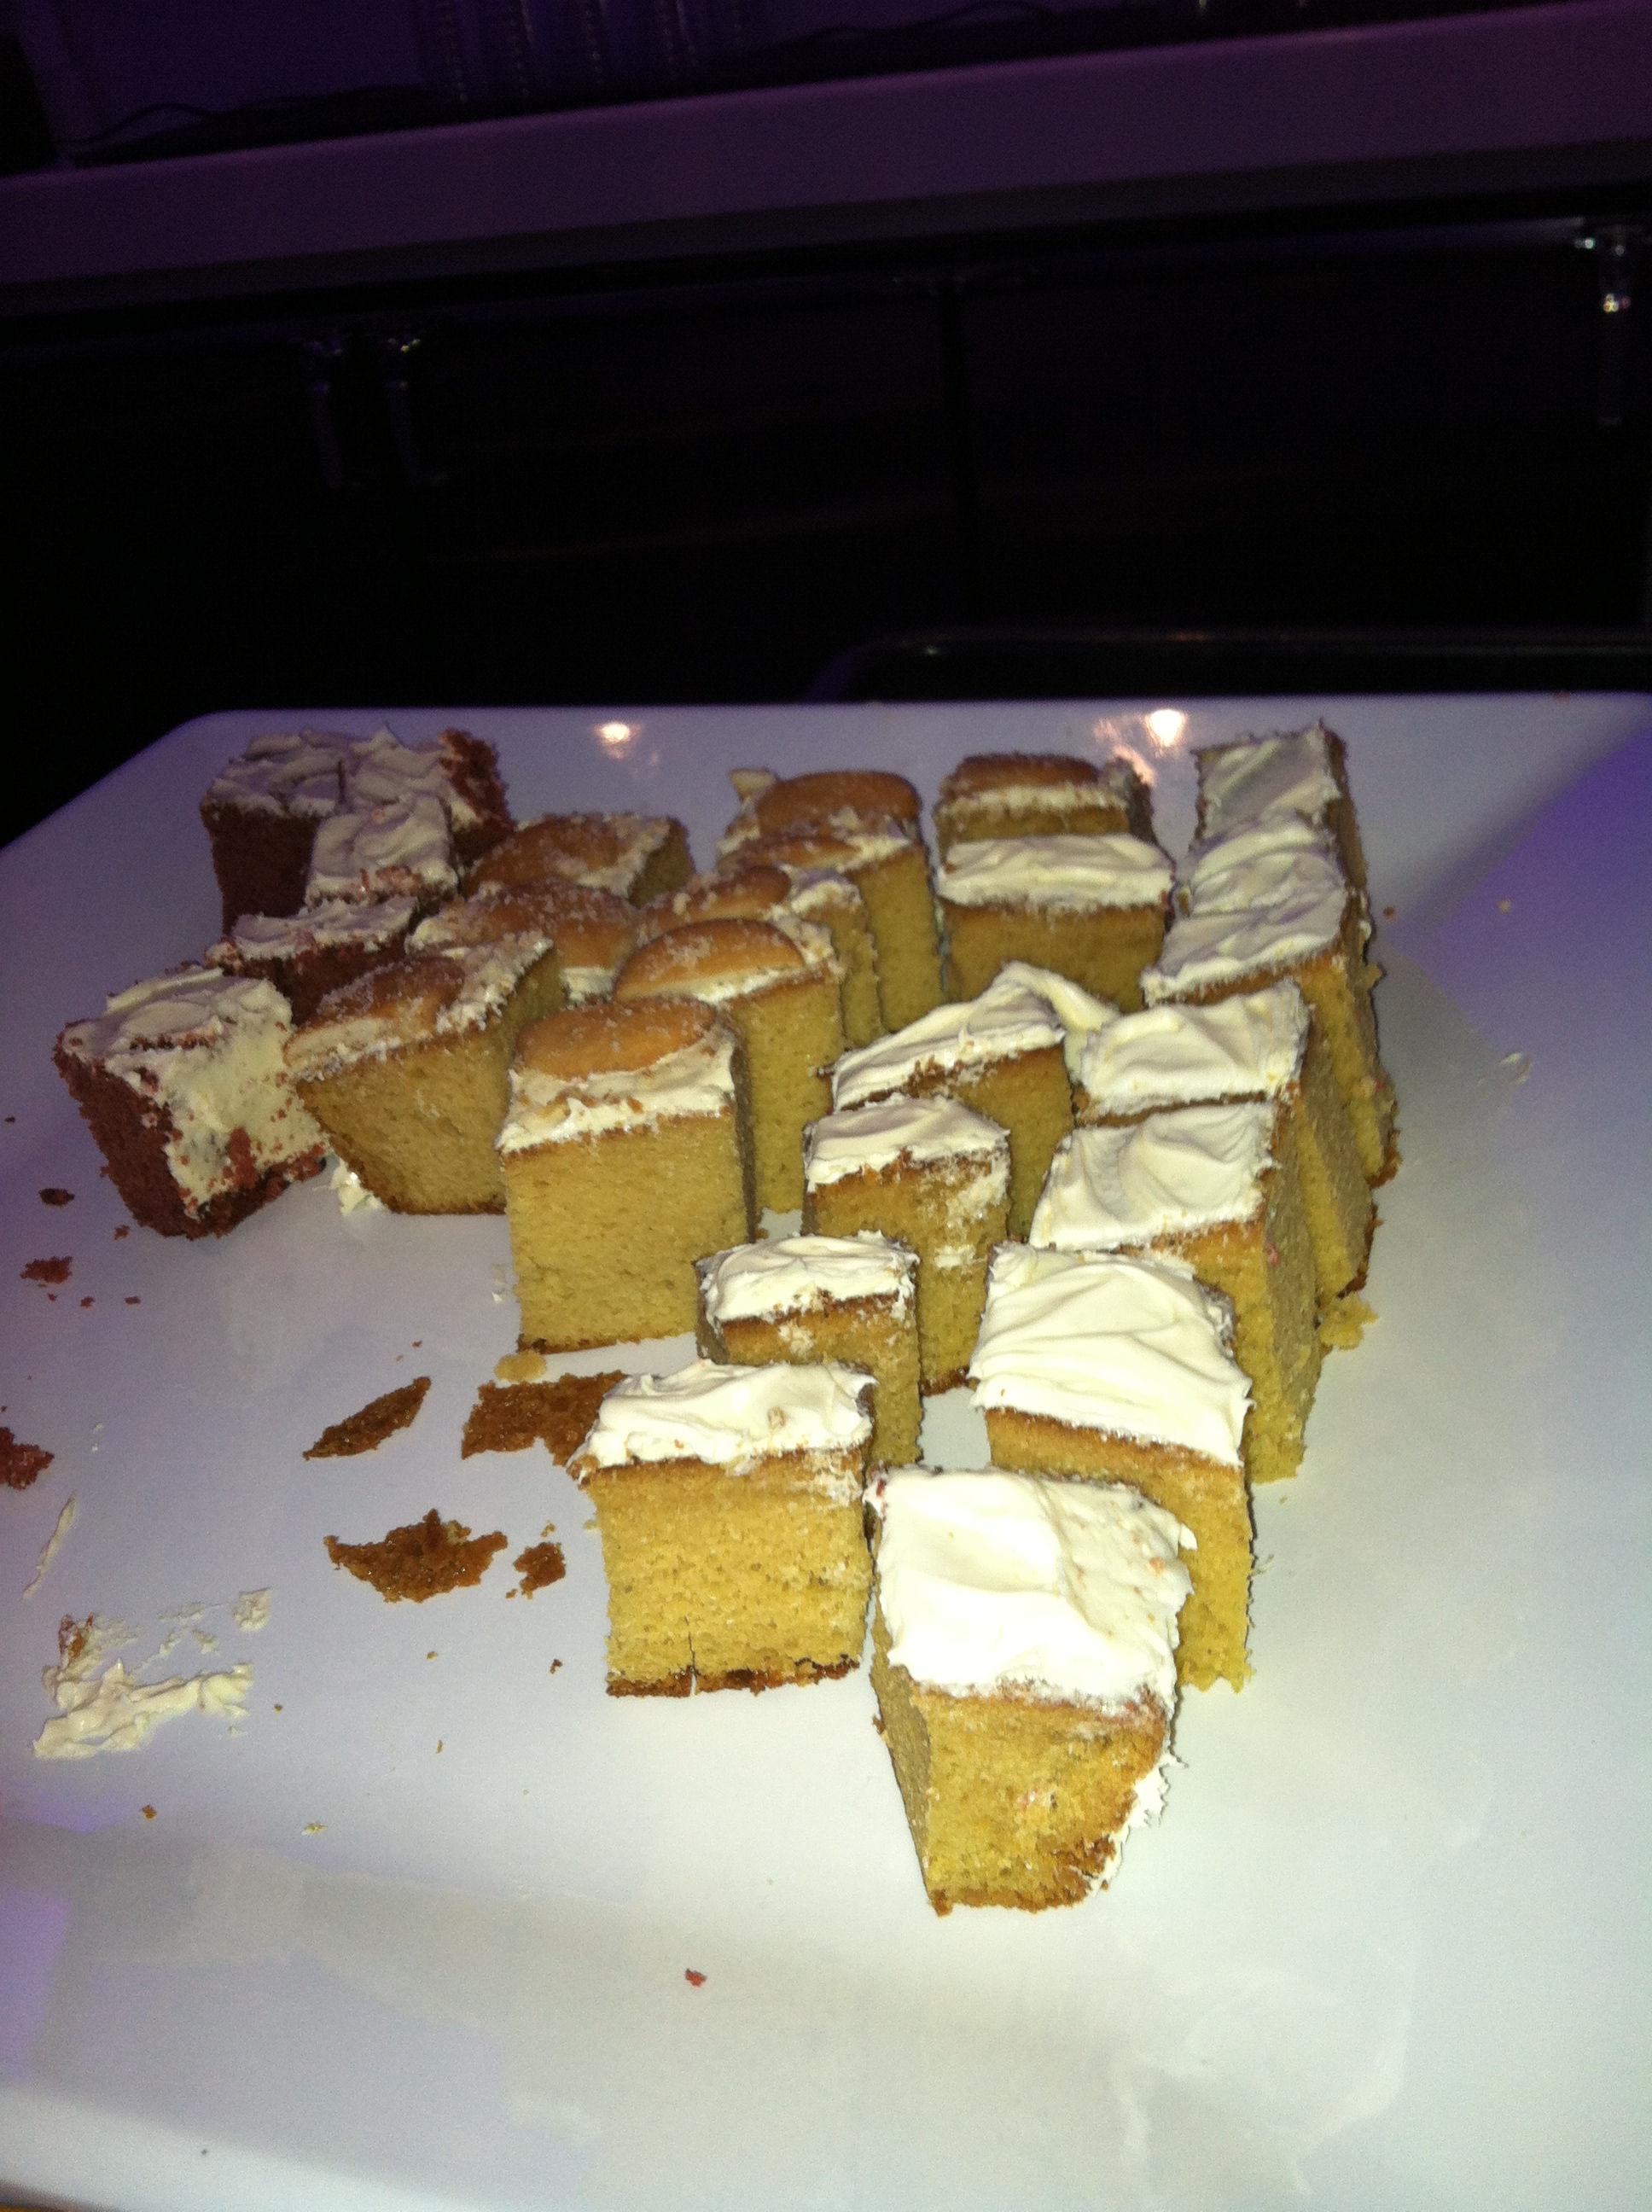 morecakes